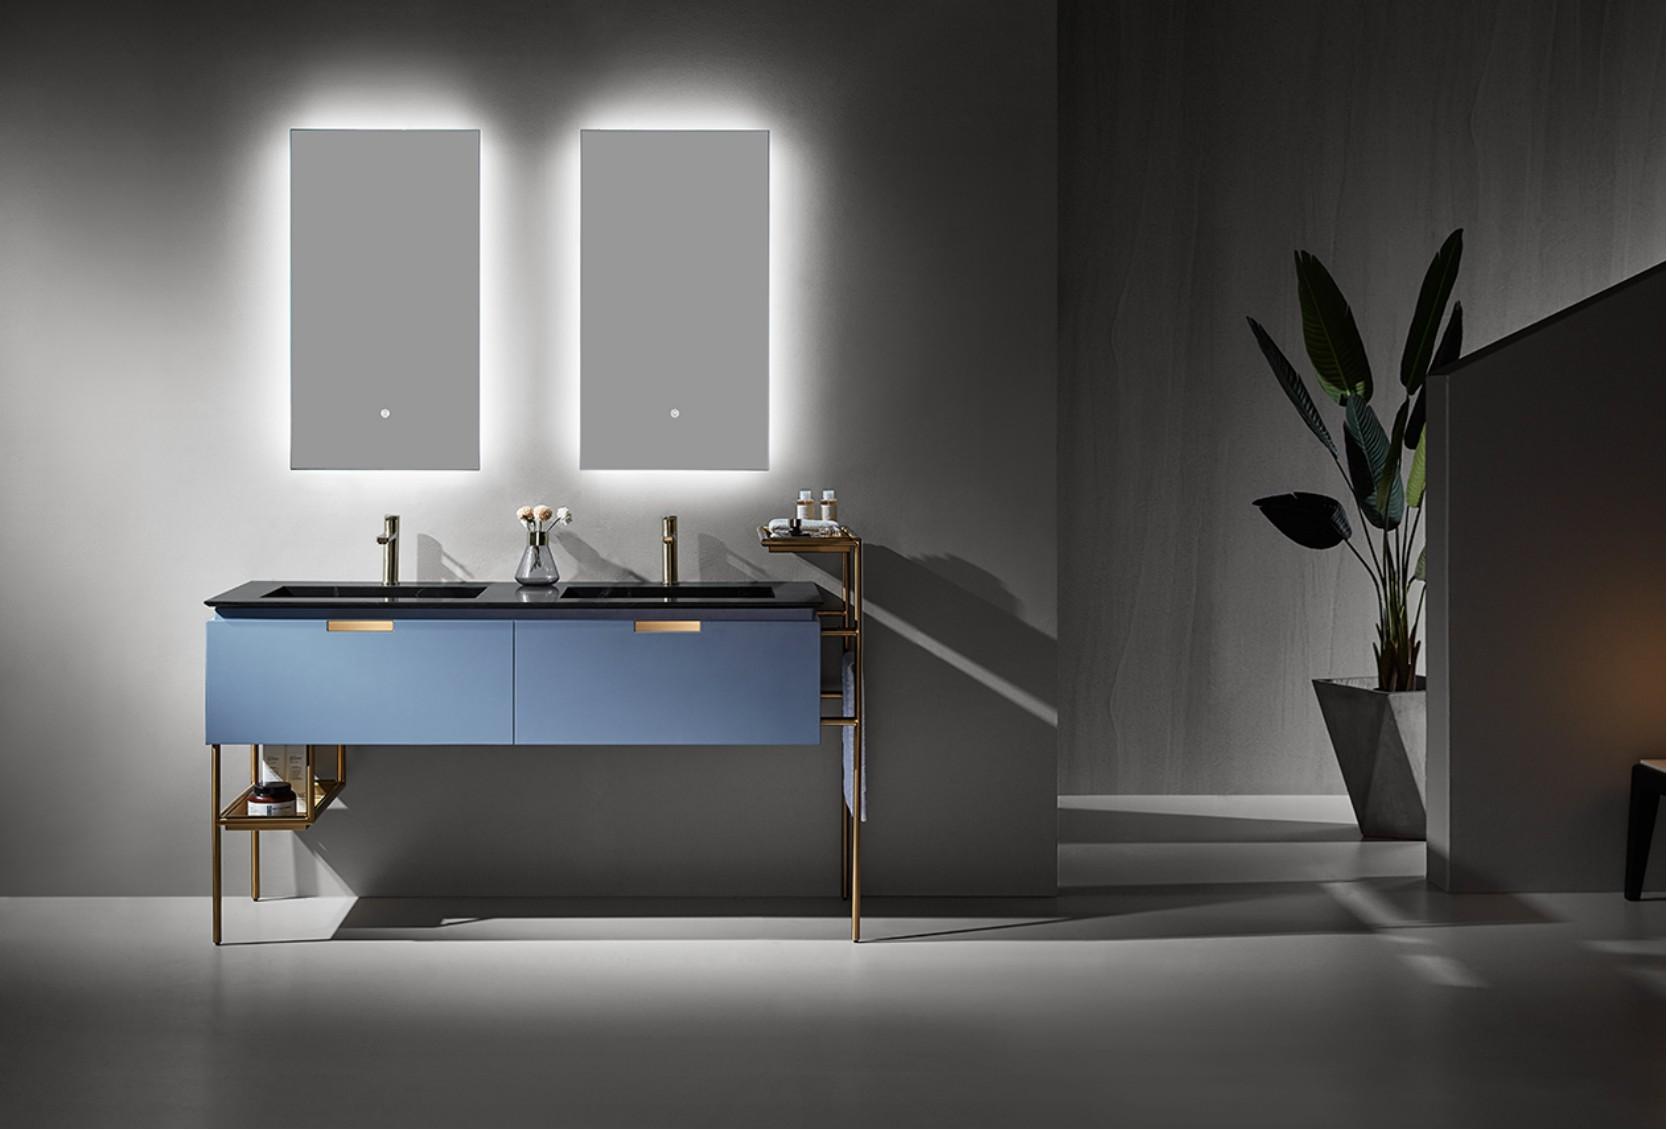 蒂高衛浴實木定制浴室柜品牌IP實力圈粉,高顏值+硬核實力!